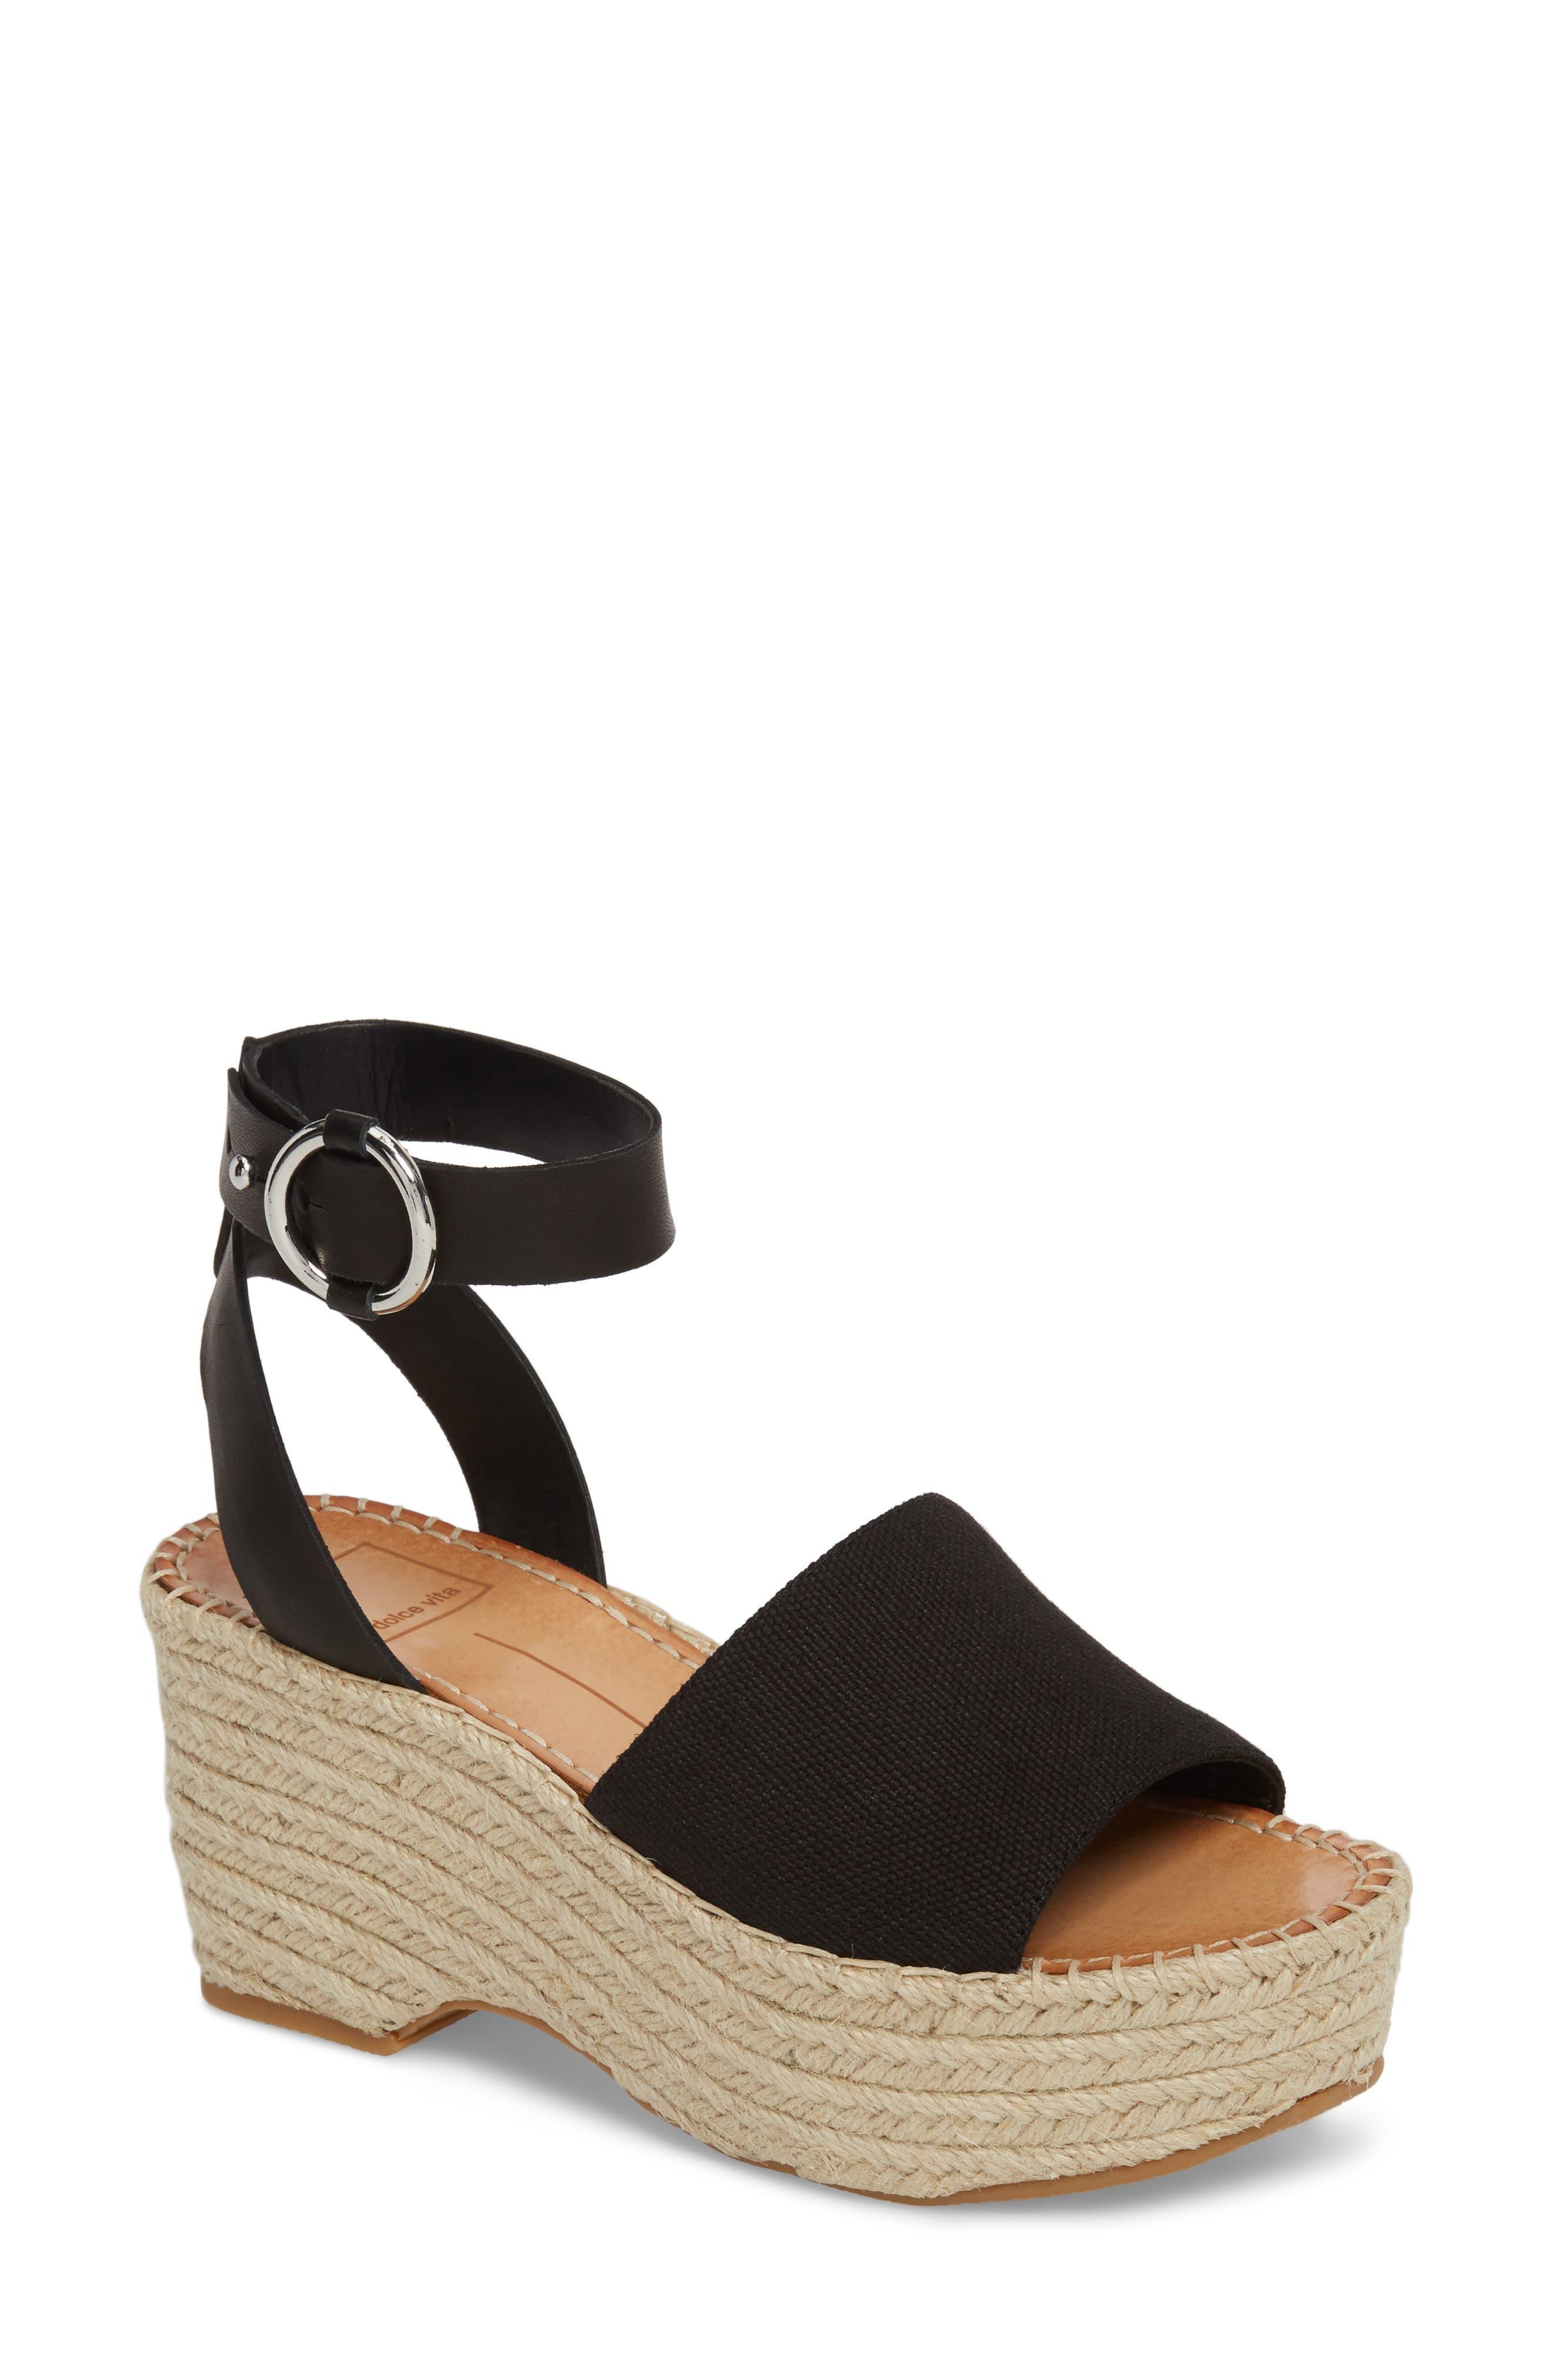 Lesly Espadrille Platform Sandal,                         Main,                         color,